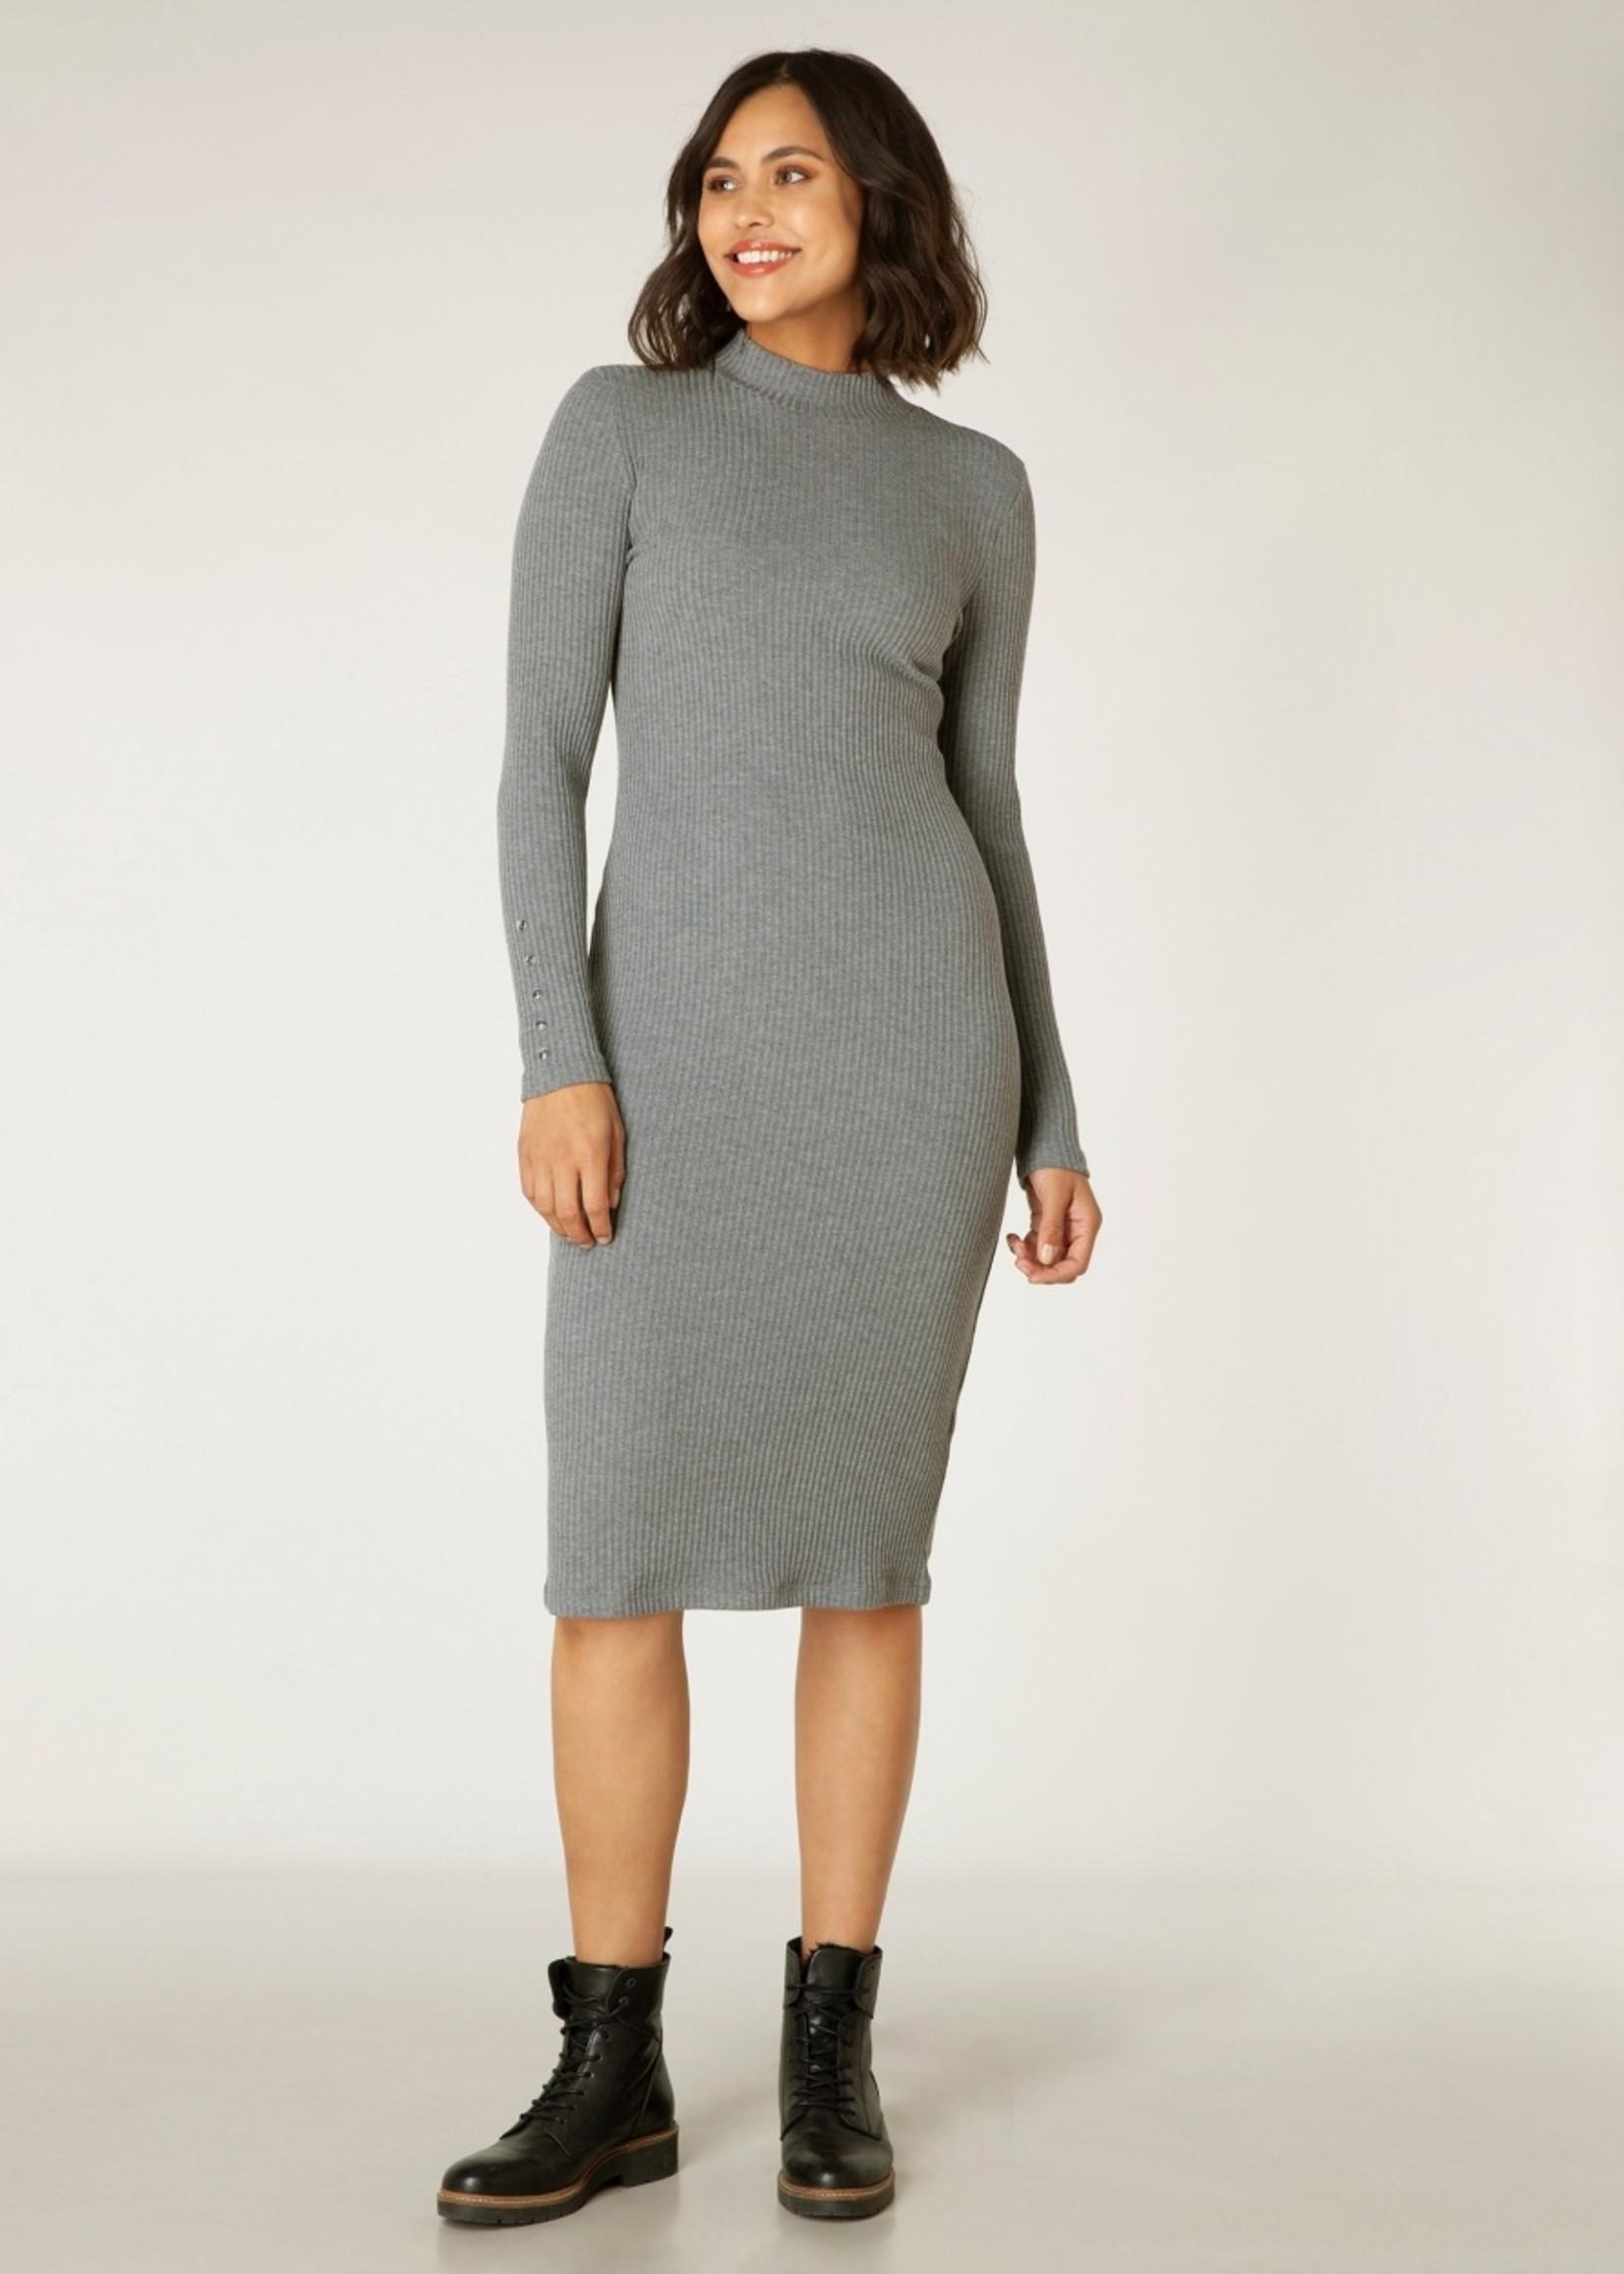 Yest Yest Aleida Dress